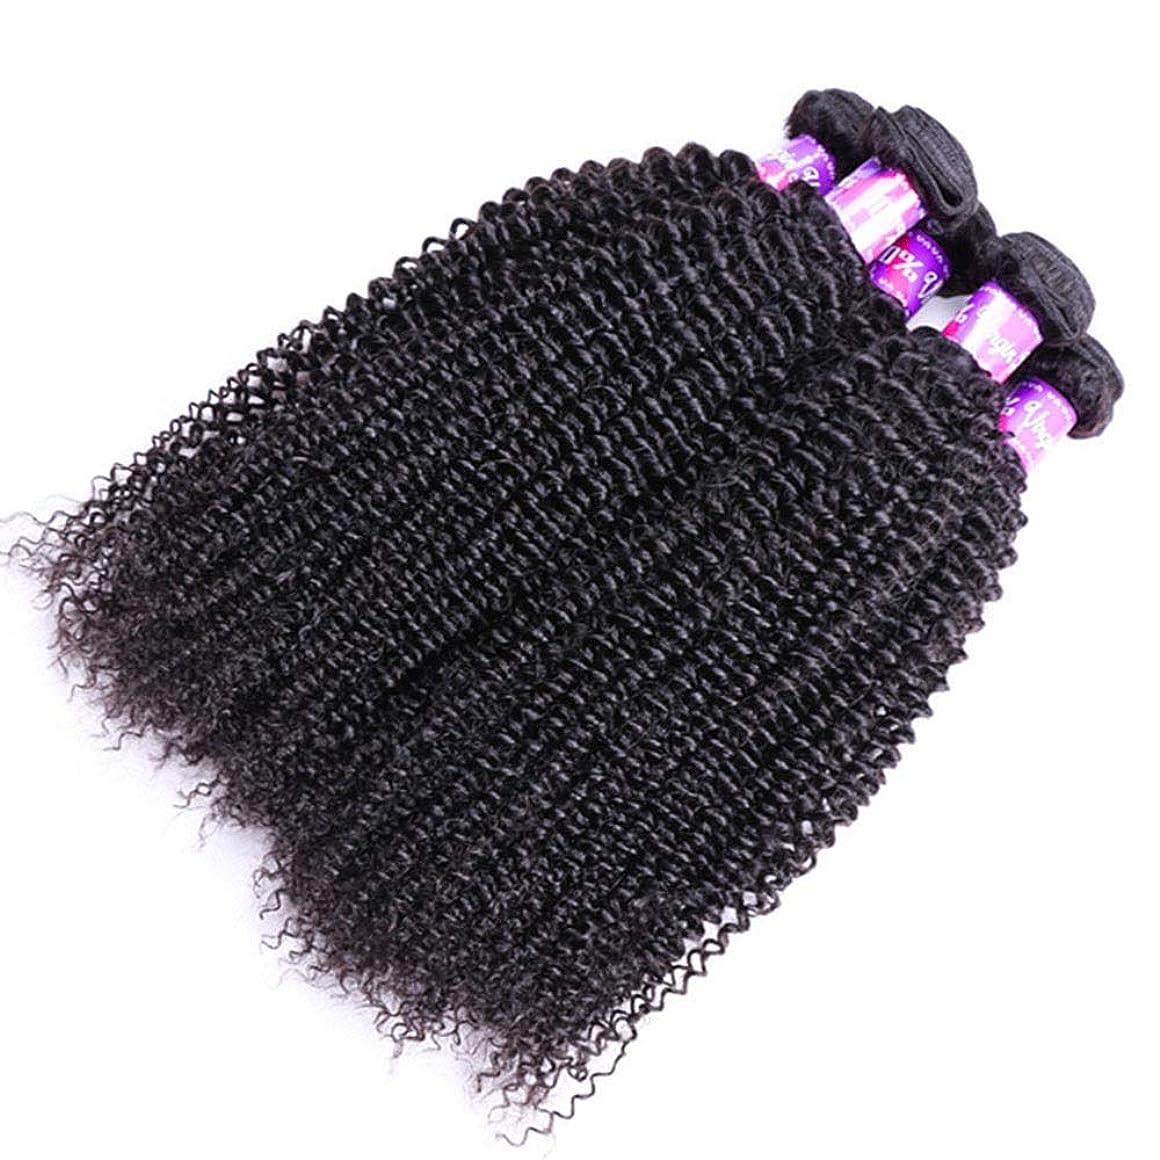 有効化不屈収容するYrattary ブラジルの変態巻き毛の束100%の未処理のRemy人間の毛髪の拡張子深い巻き毛の織り方自然な黒い色女性複合かつらレースかつらロールプレイングかつら (色 : 黒, サイズ : 16 inch)